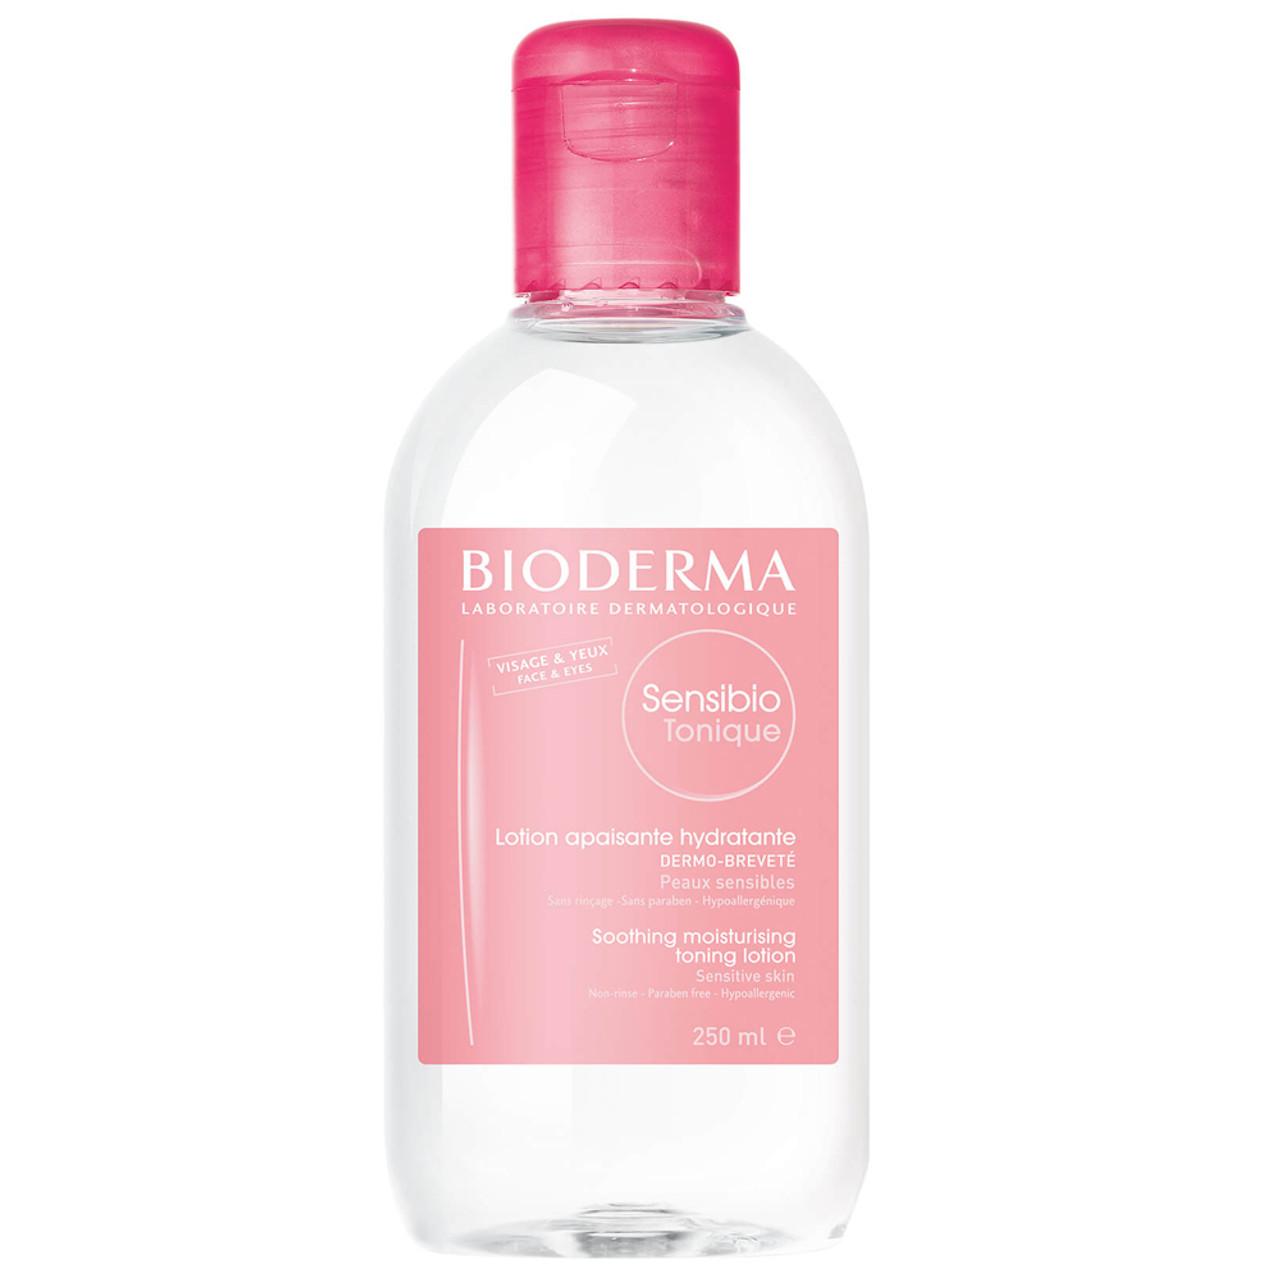 Bioderma Sensibio Tonic Lotion BeautifiedYou.com